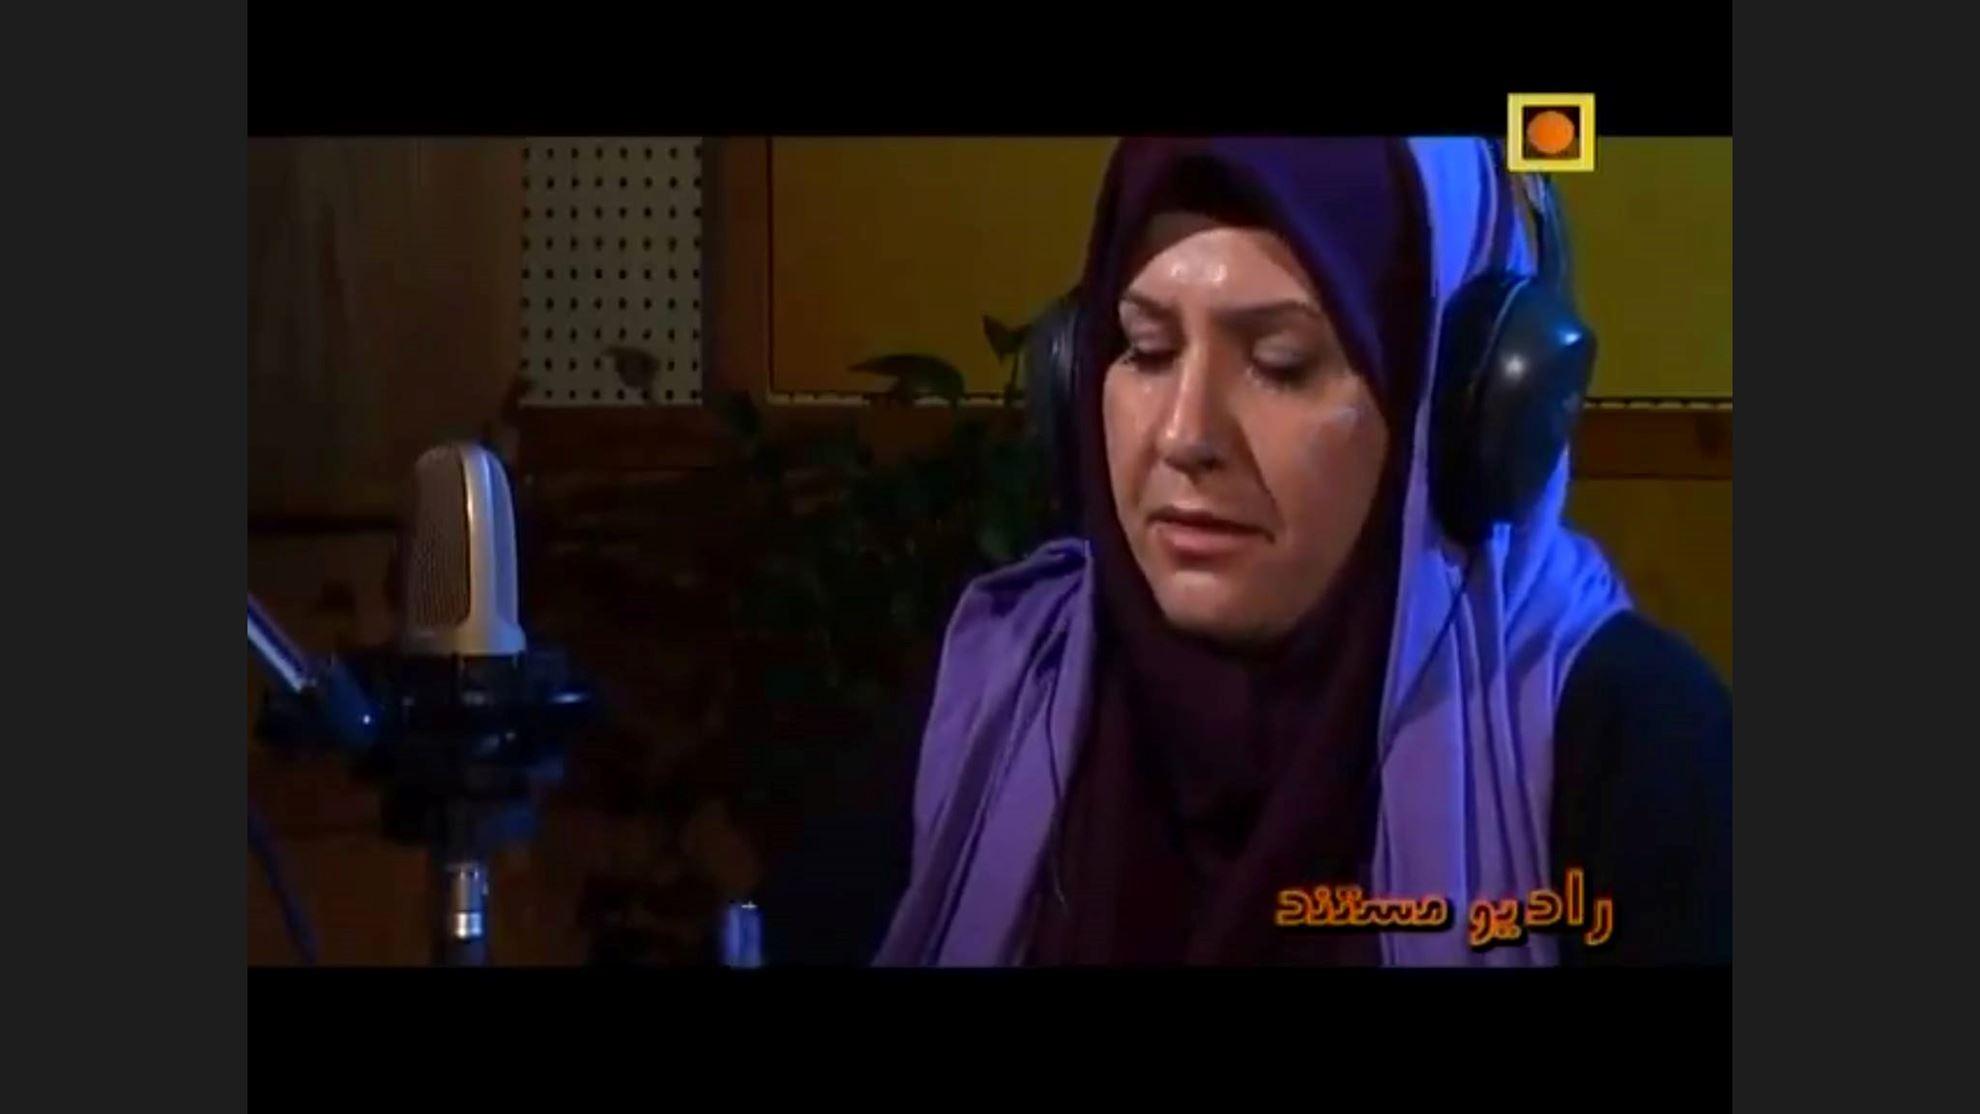 گفتگو با زهرا مهرافزا از گویندگان و مجریان پیشکسوت رادیو و  تلوزیون ایران / بزودی شنونده صدای گرم ایشان از رادیو نشاط استرالیاخواهید بود